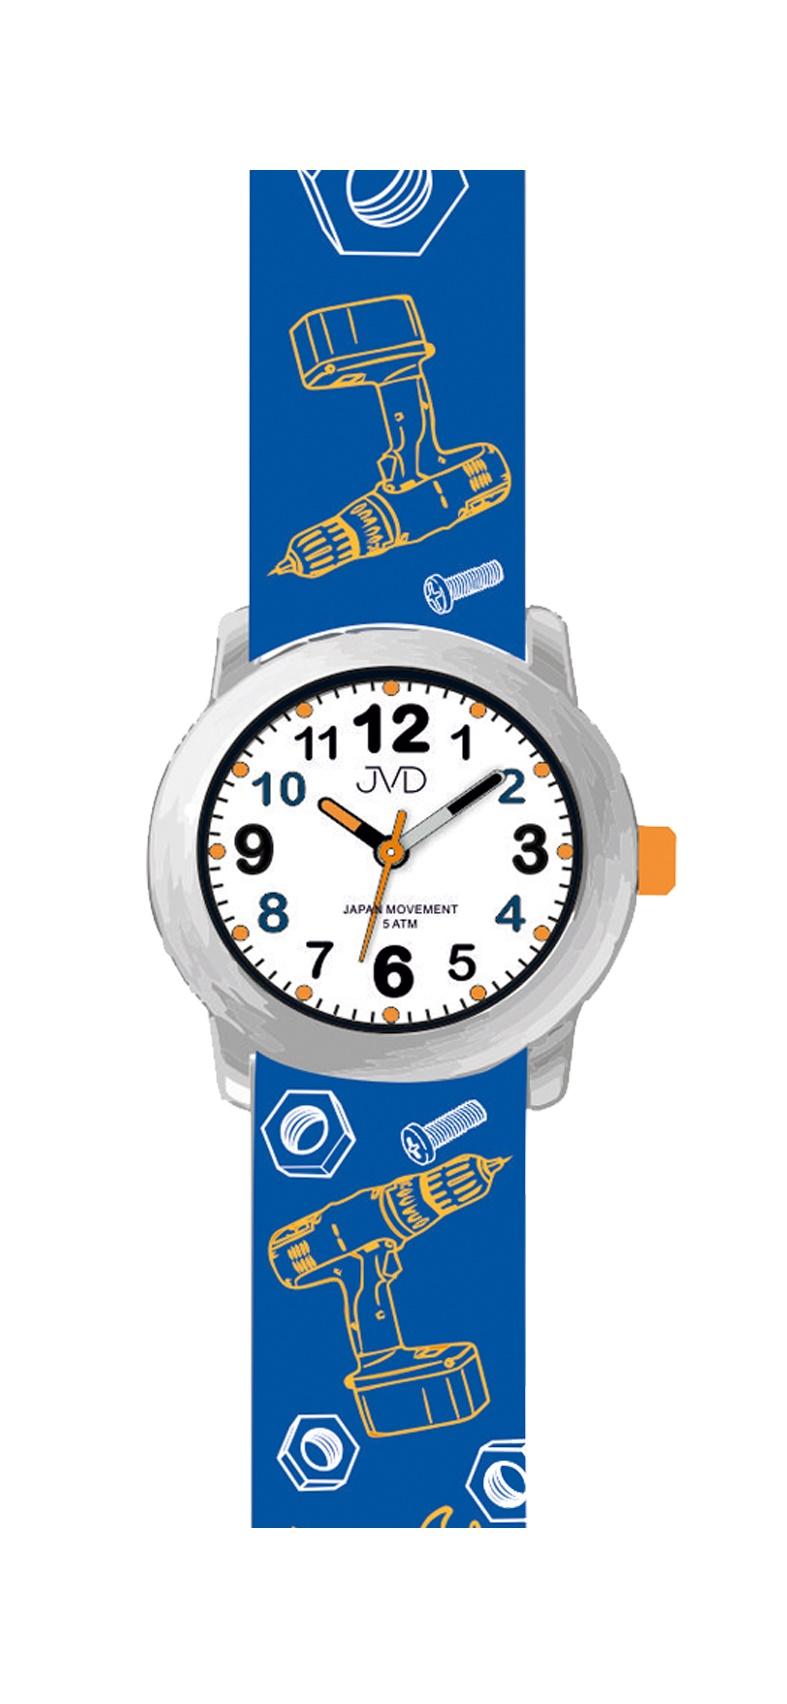 Dětské chlapecké náramkové hodinky JVD J7175.2 pro dětské kutily (motivy nářadí, šroubů a matek na řemínku)